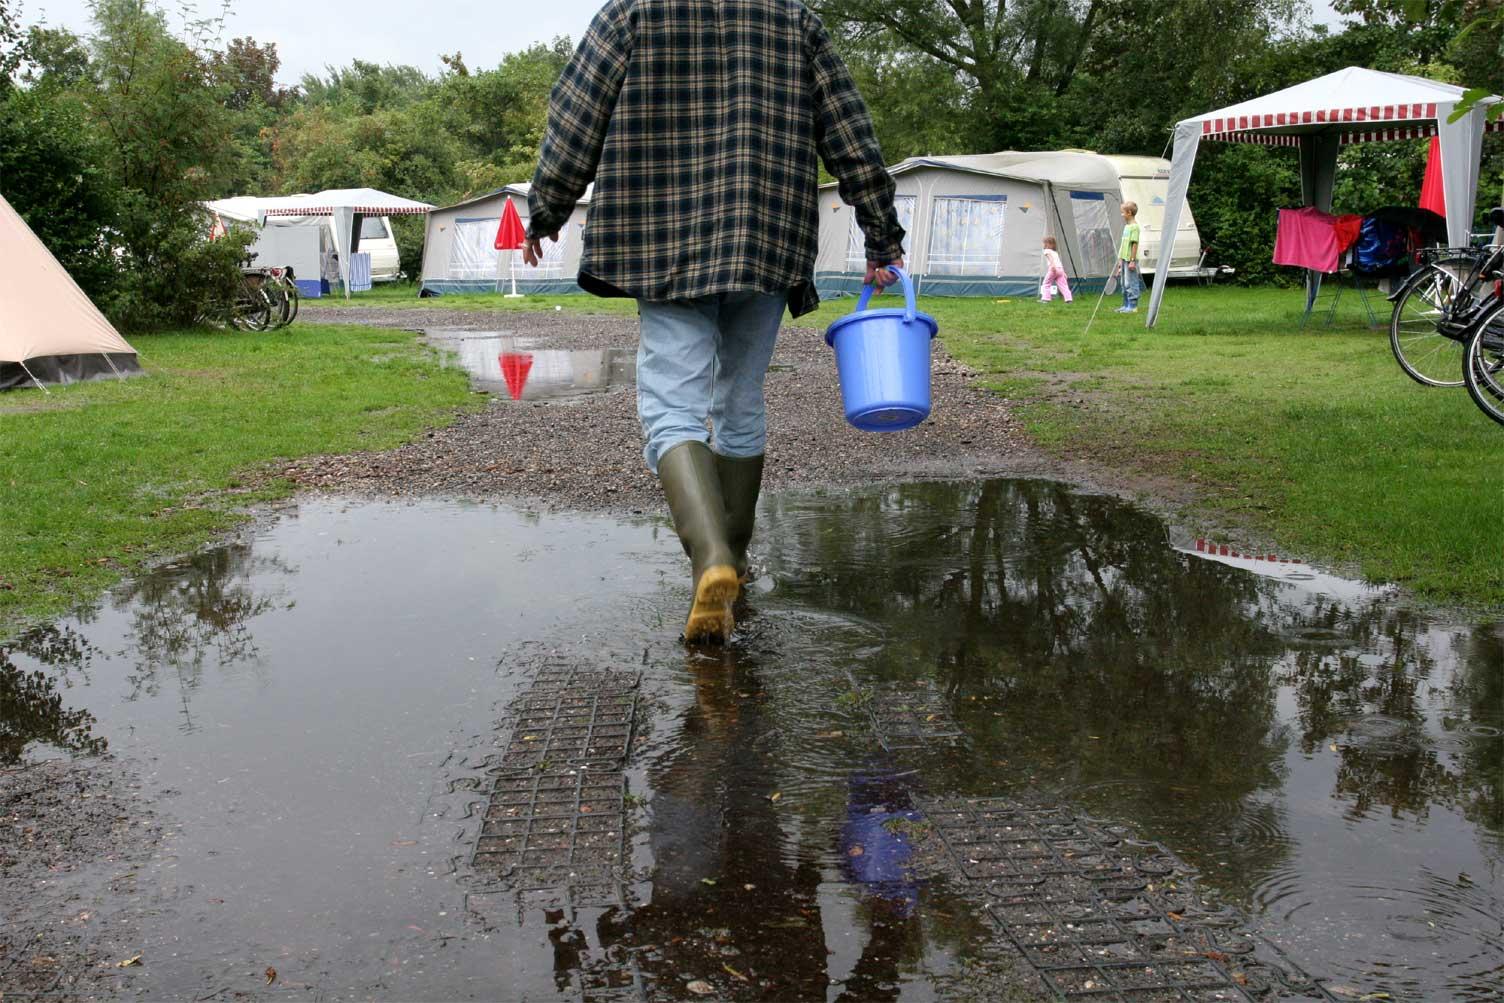 foto van camping   fbf archief